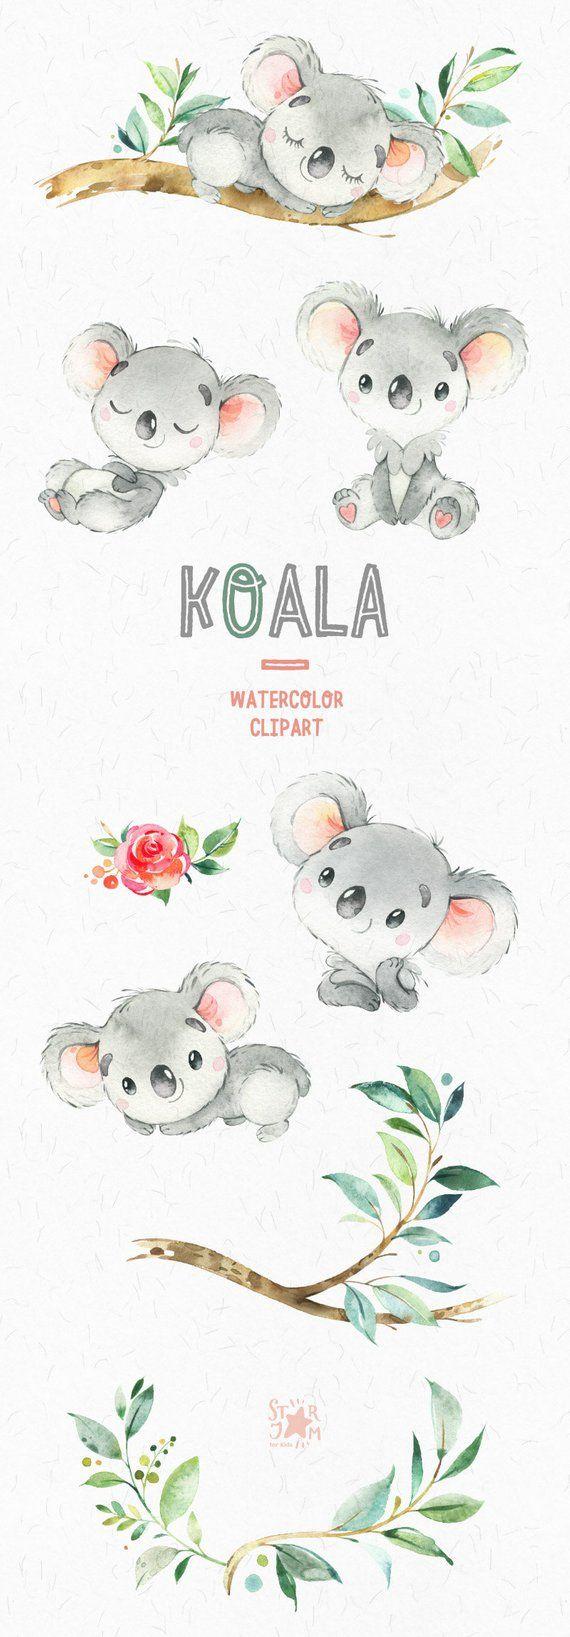 Koala. Little animals watercolor clipart, Australia, koala bear, watercolor, florals, flowers, babyshower, diy, kids, baby, cute, nursery